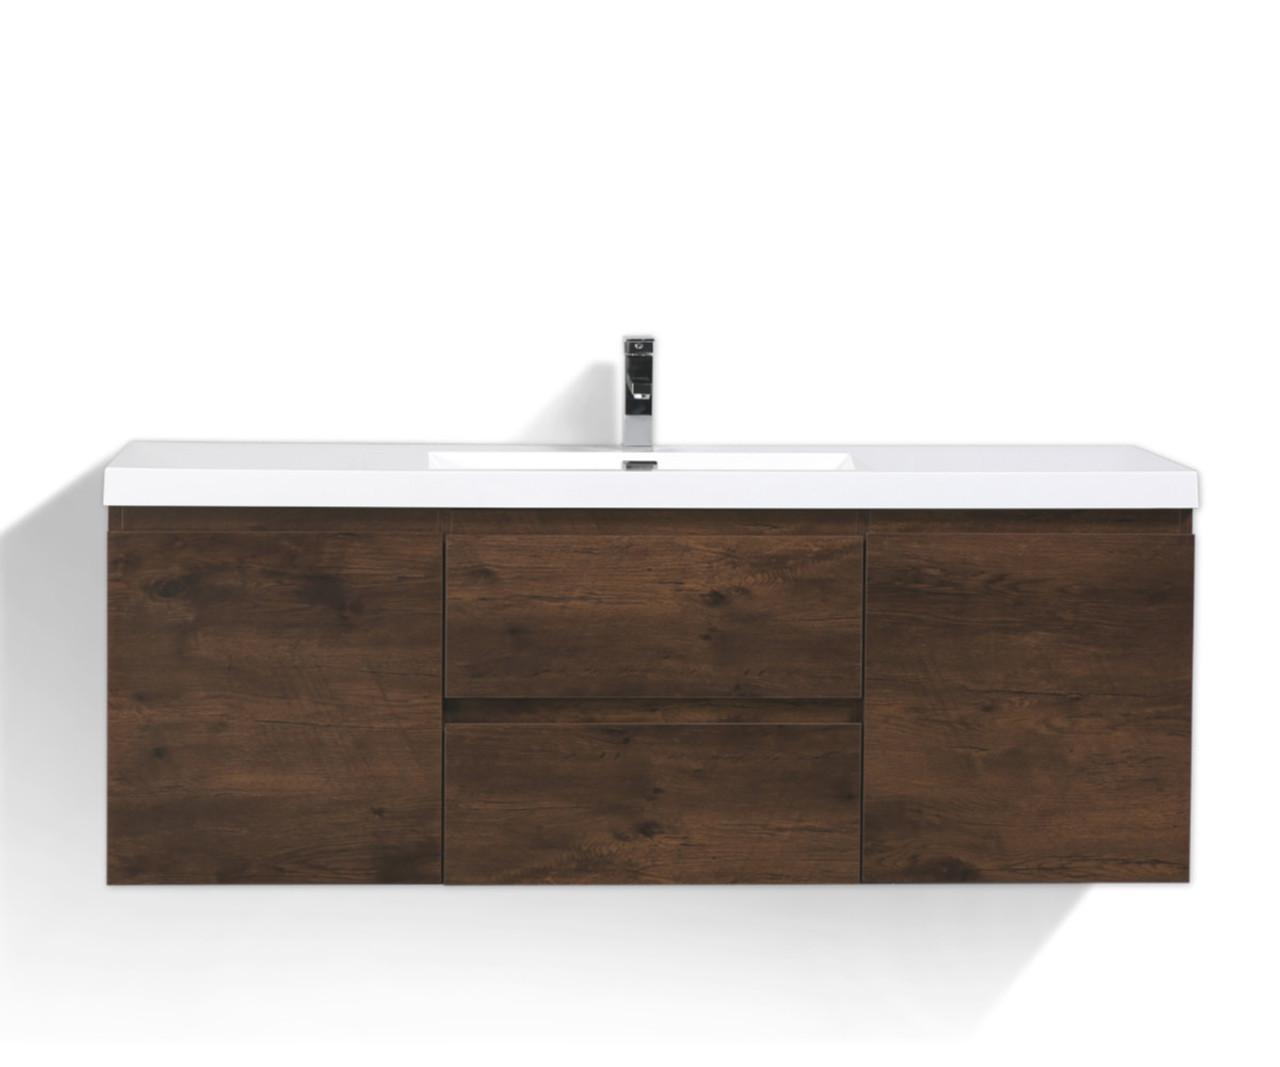 Mob 60 Single Sink Rosewood Wall Mounted Modern Bathroom Vanity With Reeinforced Acrylic Sink Los Angeles Vanity